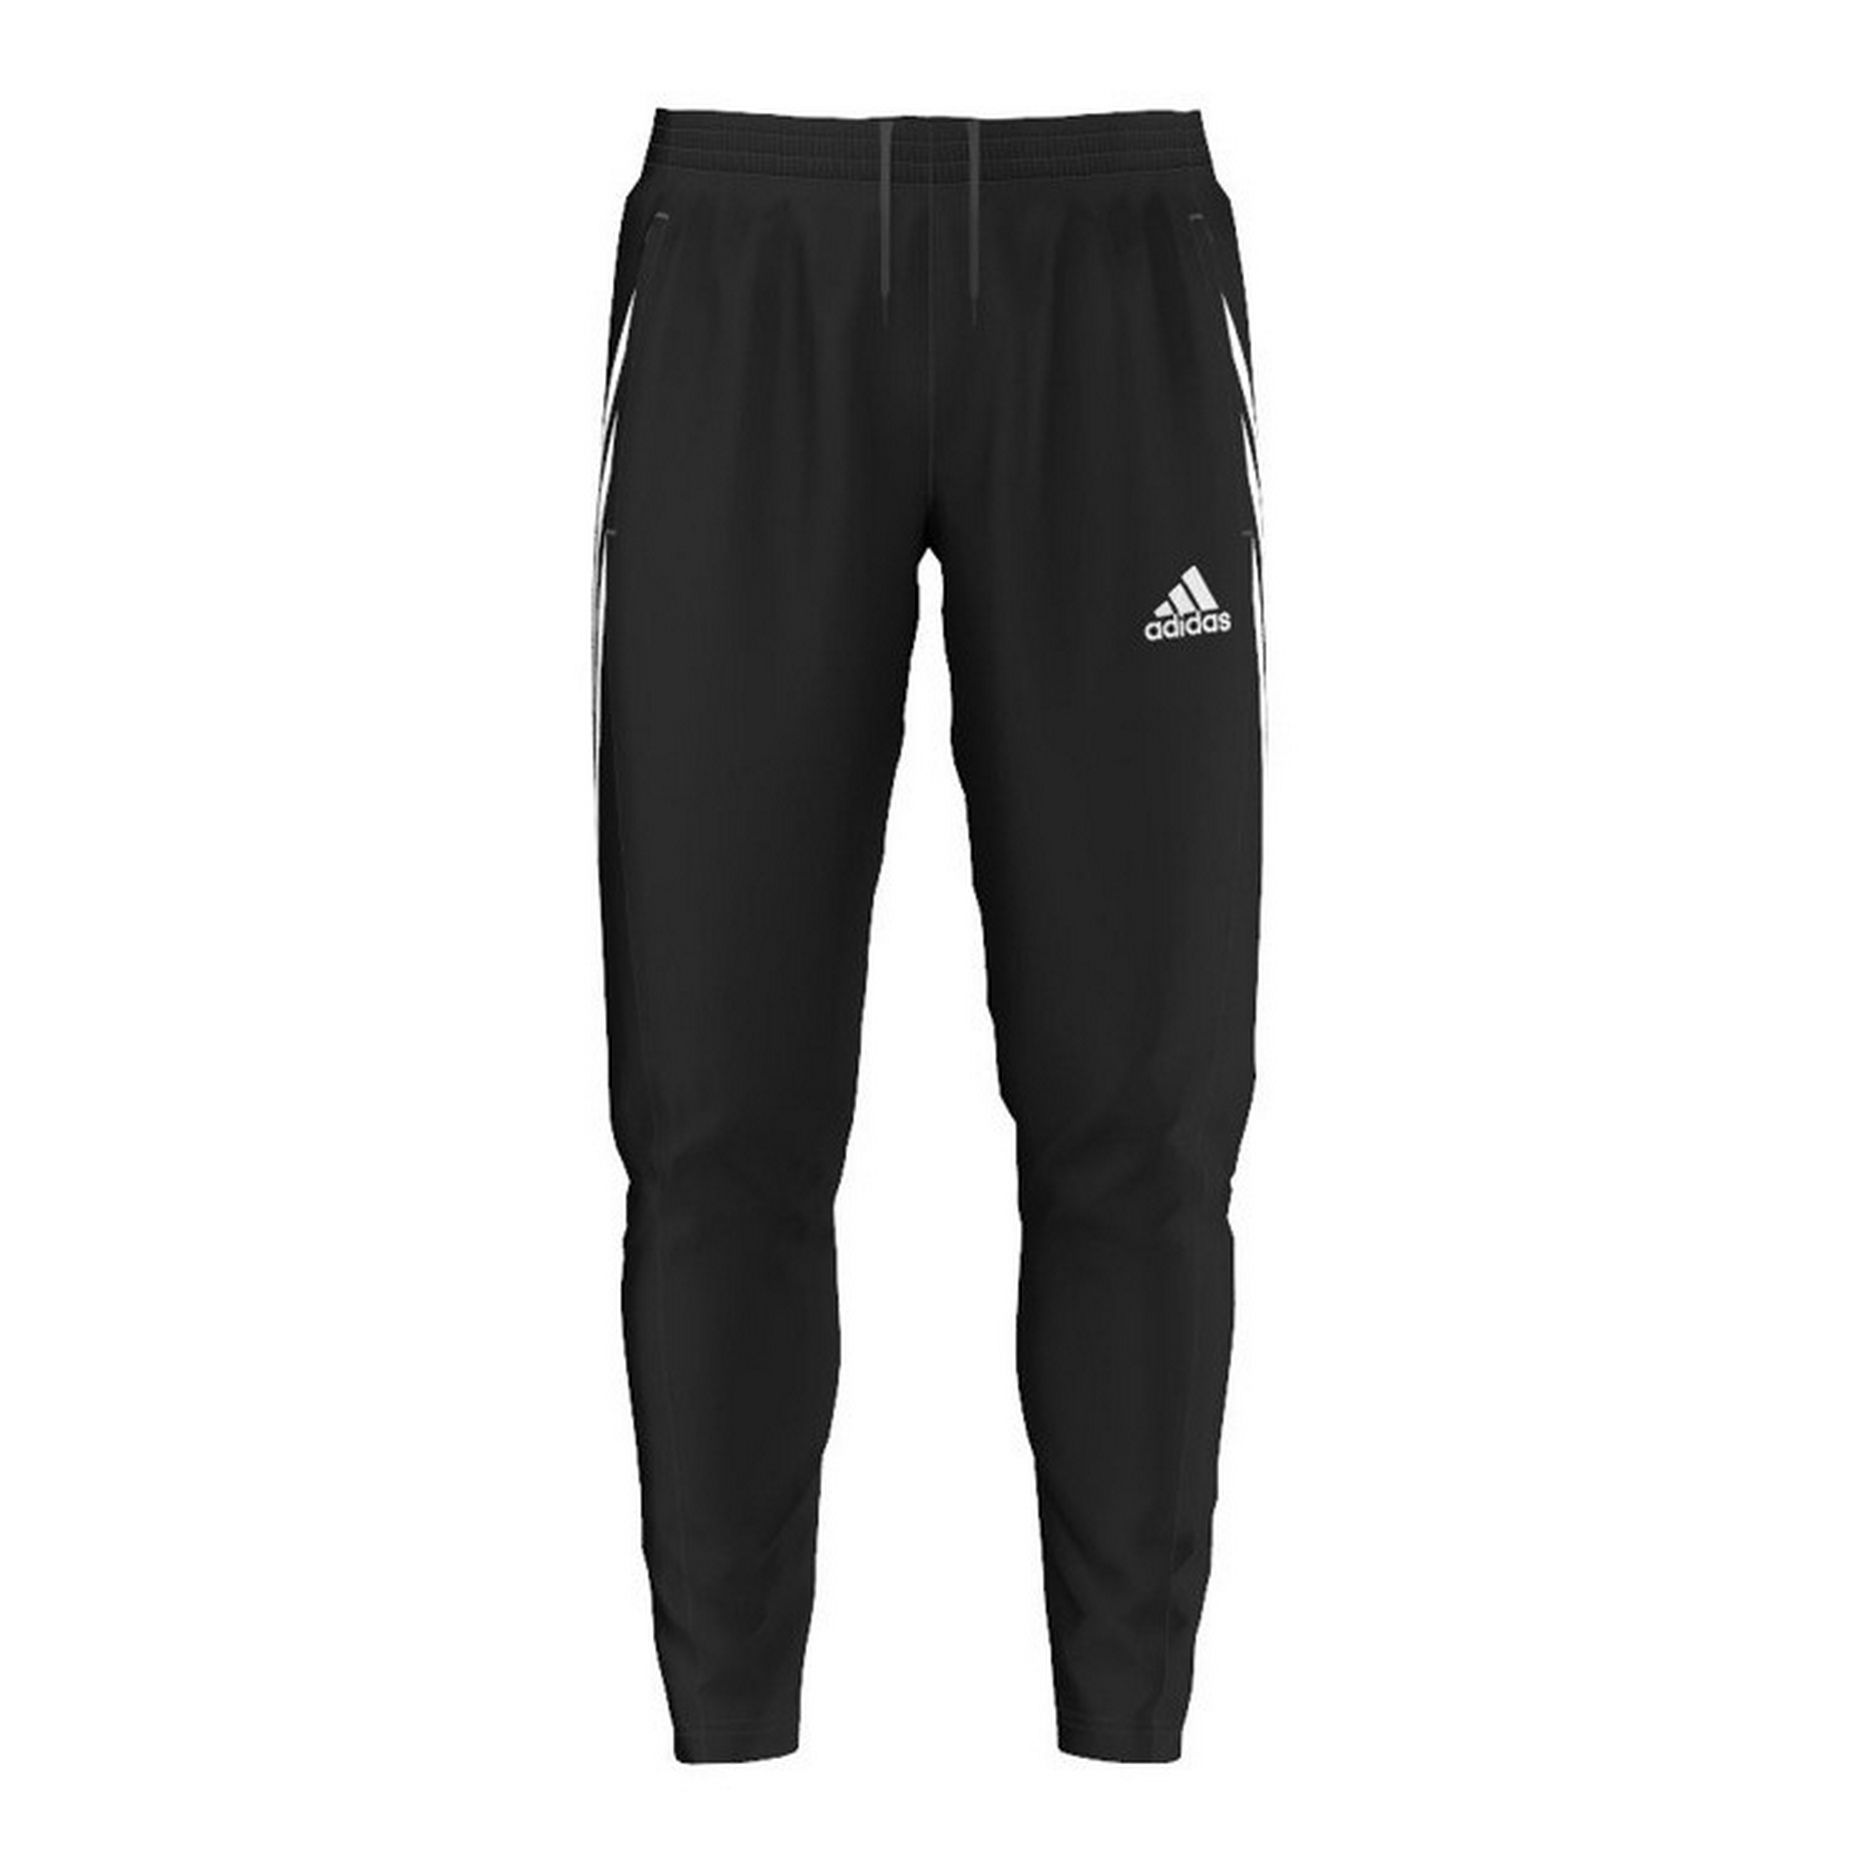 spodnie adidas sklep